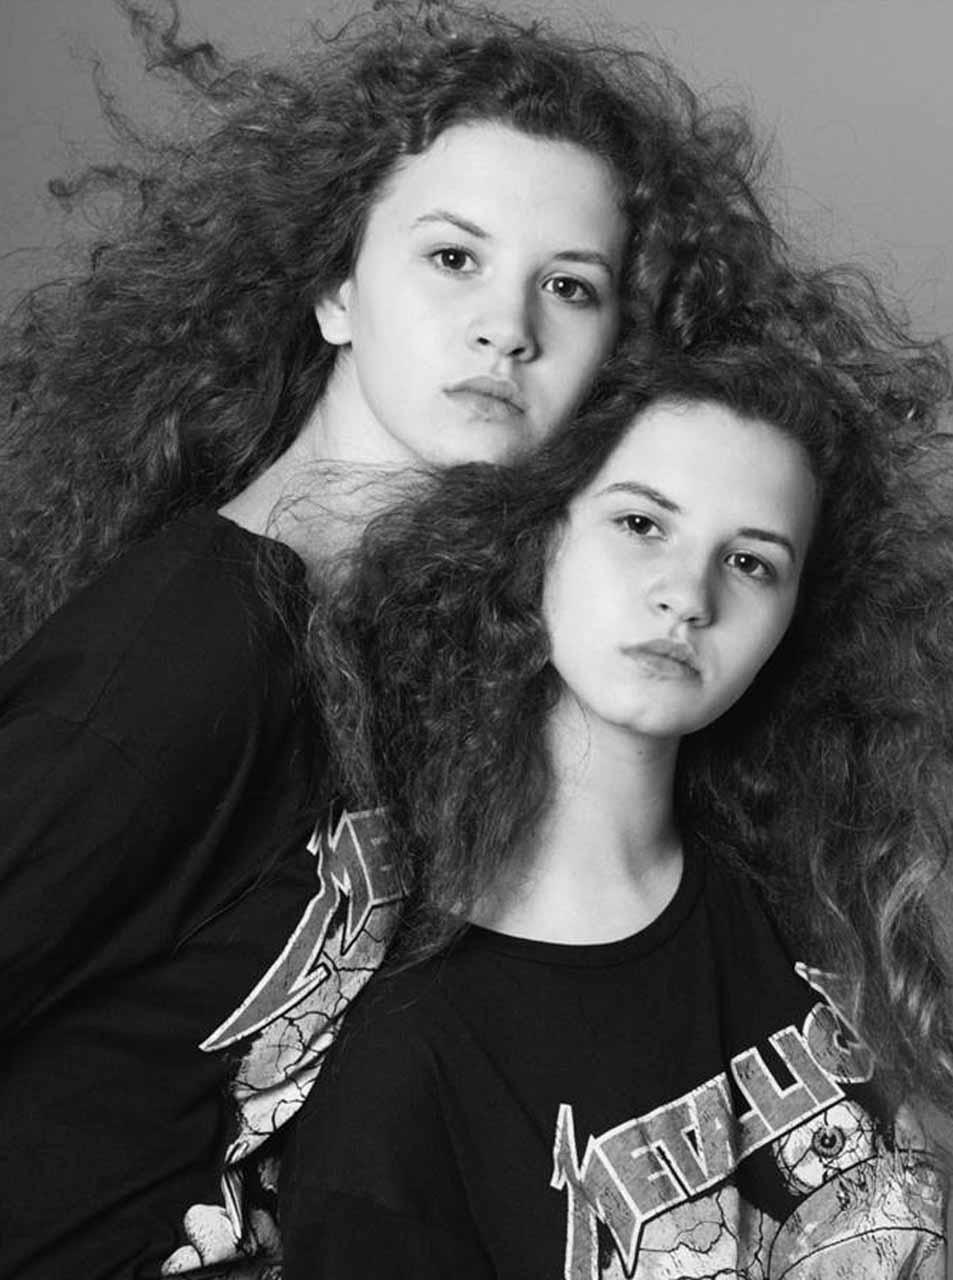 Paoula & Alexia Kouko